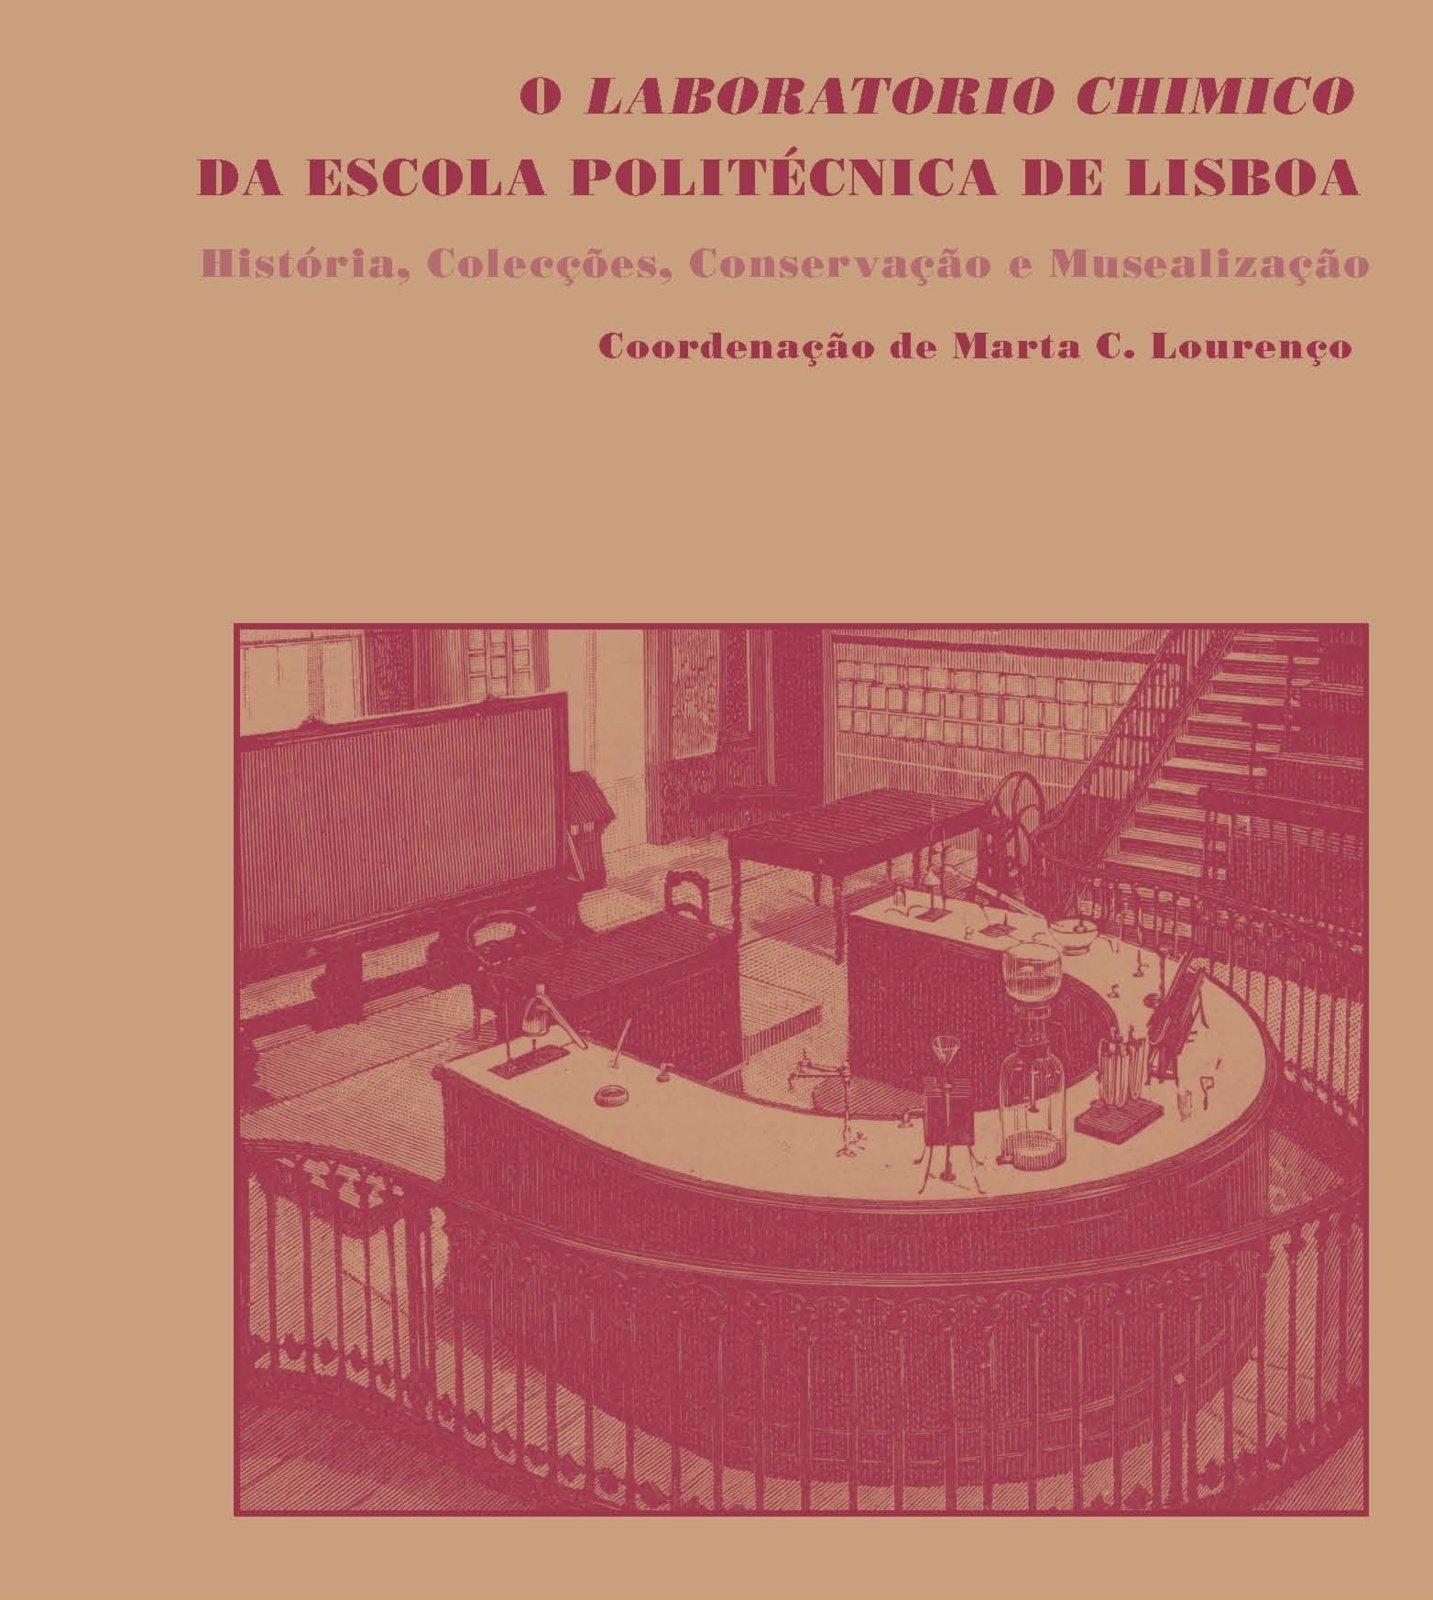 O Laboratorio Chimico da Escola Politécnica de Lisboa — História, Colecções, Conservação e Musealização, Capa